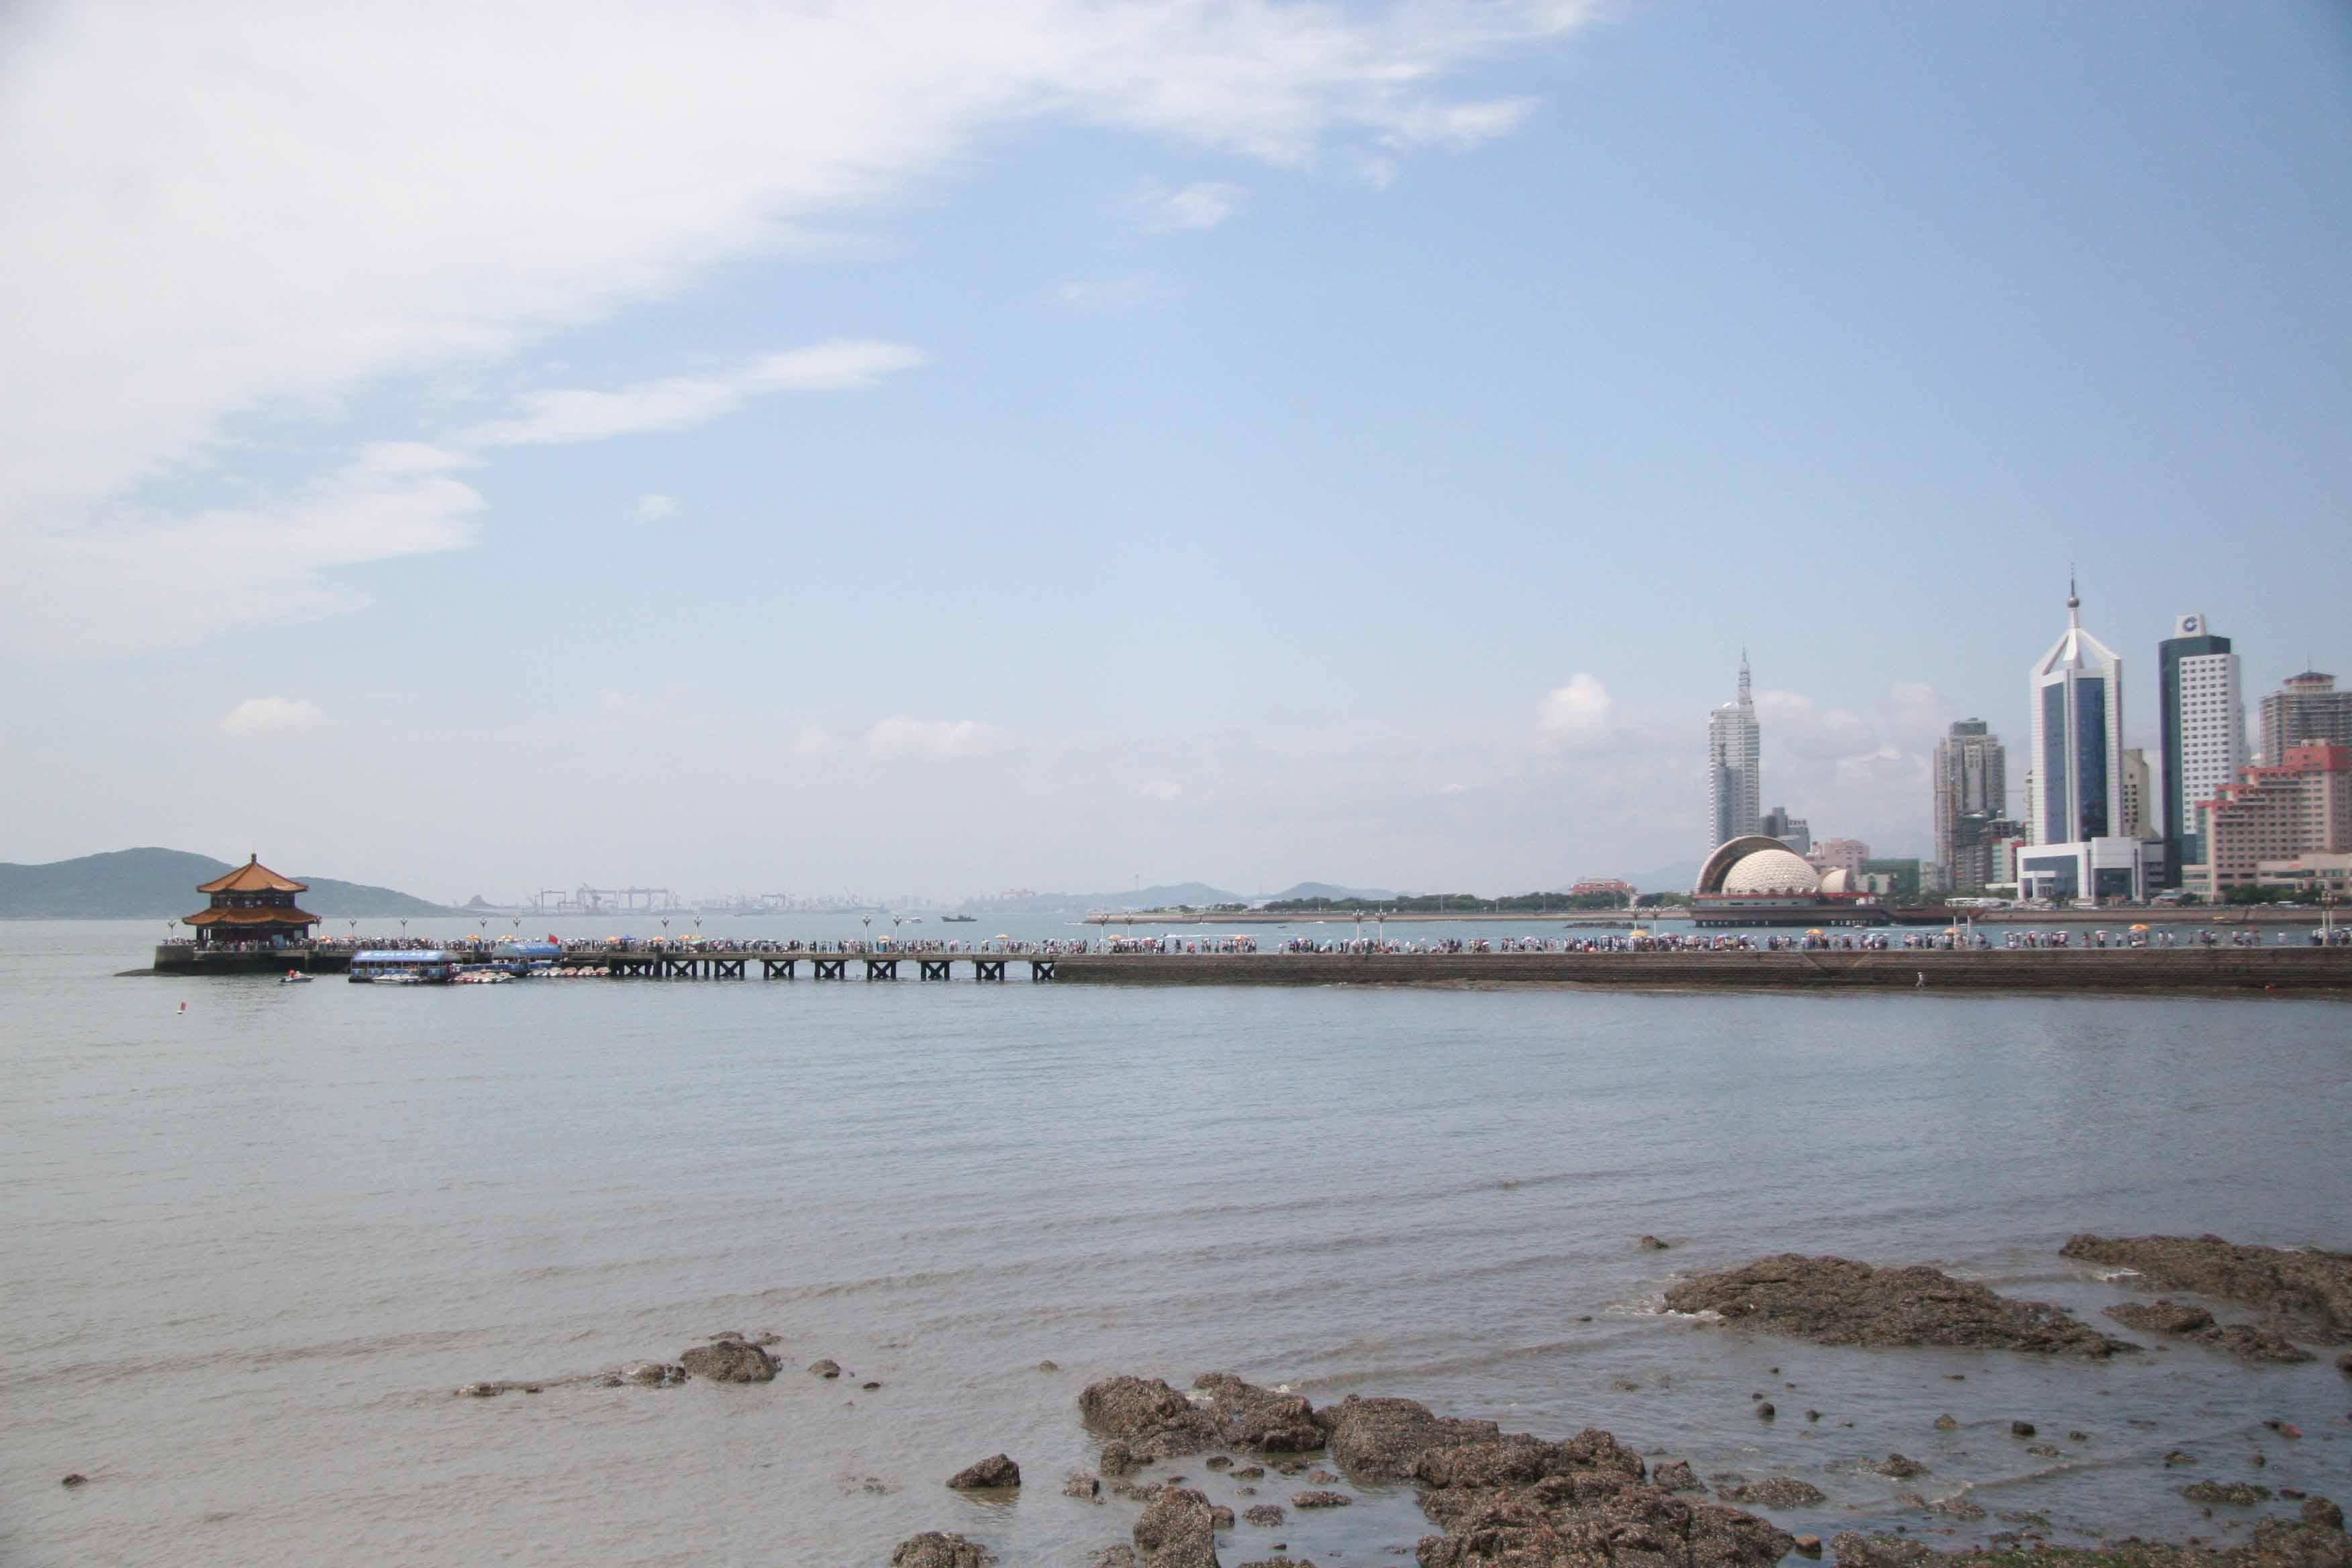 南京出发山东旅 游  青岛 蓬莱烟台威海 四  日  游 (康辉国旅); 青岛